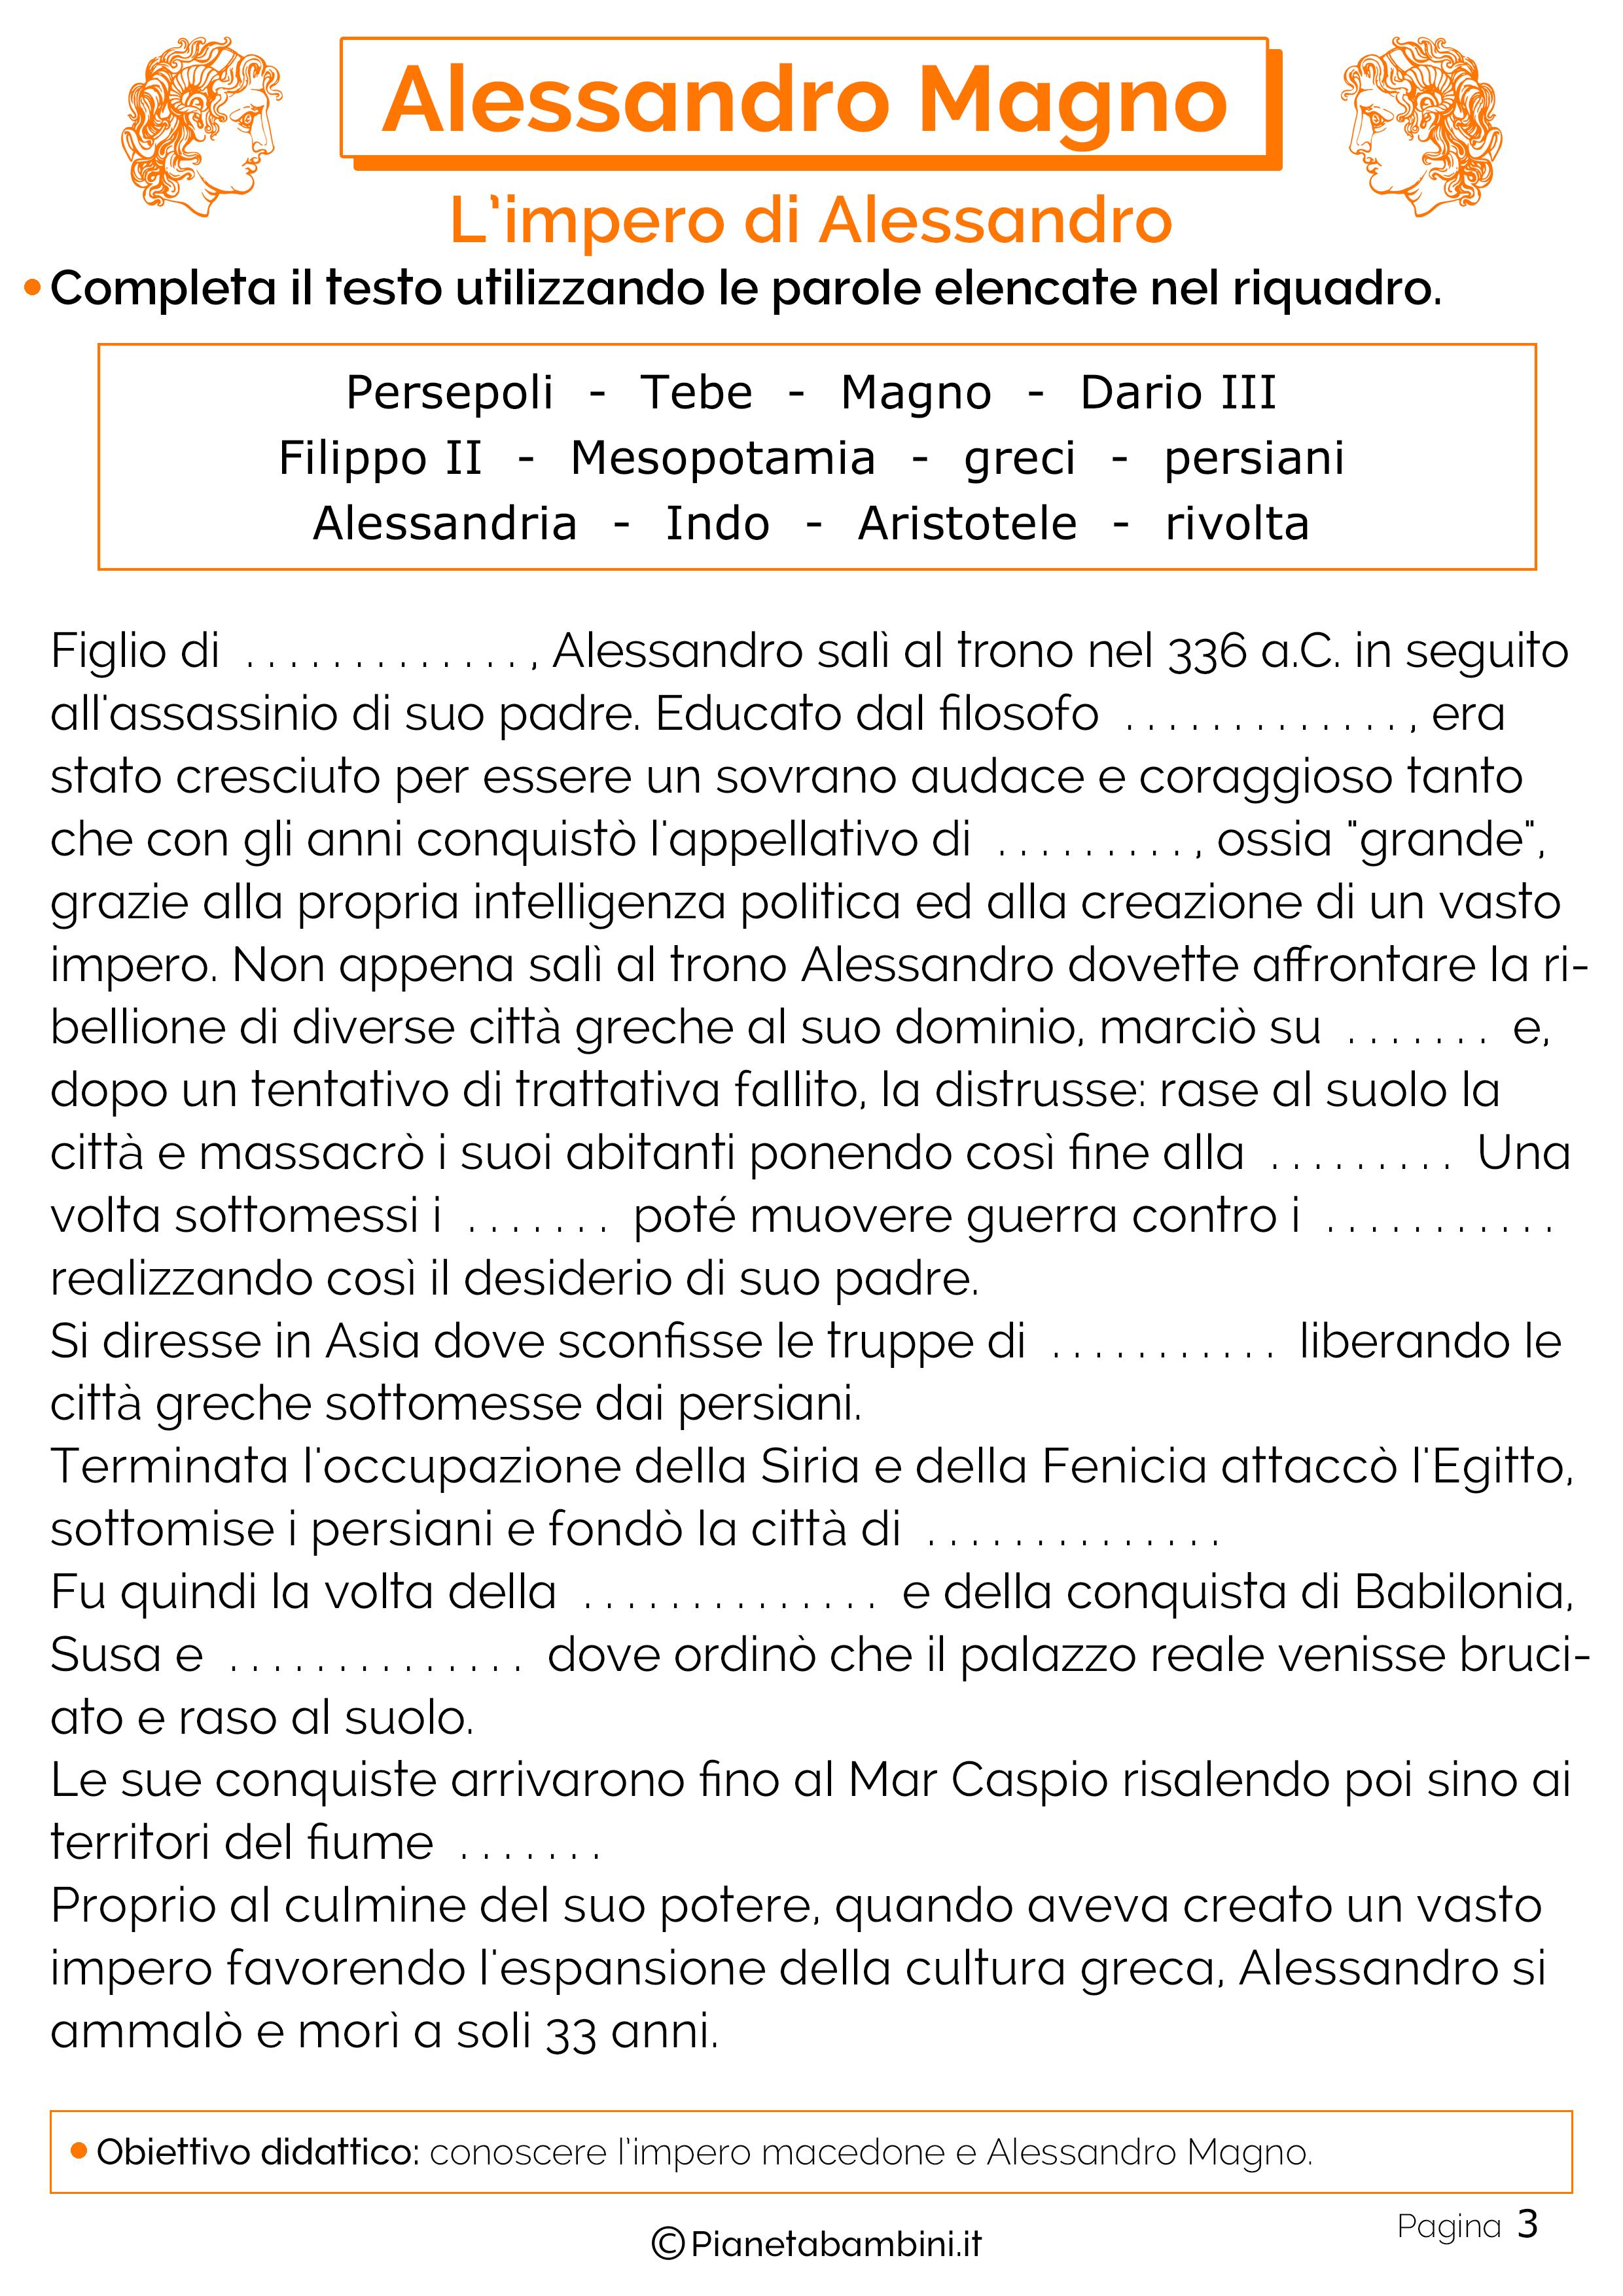 L'impero macedone di Alessandro Magno